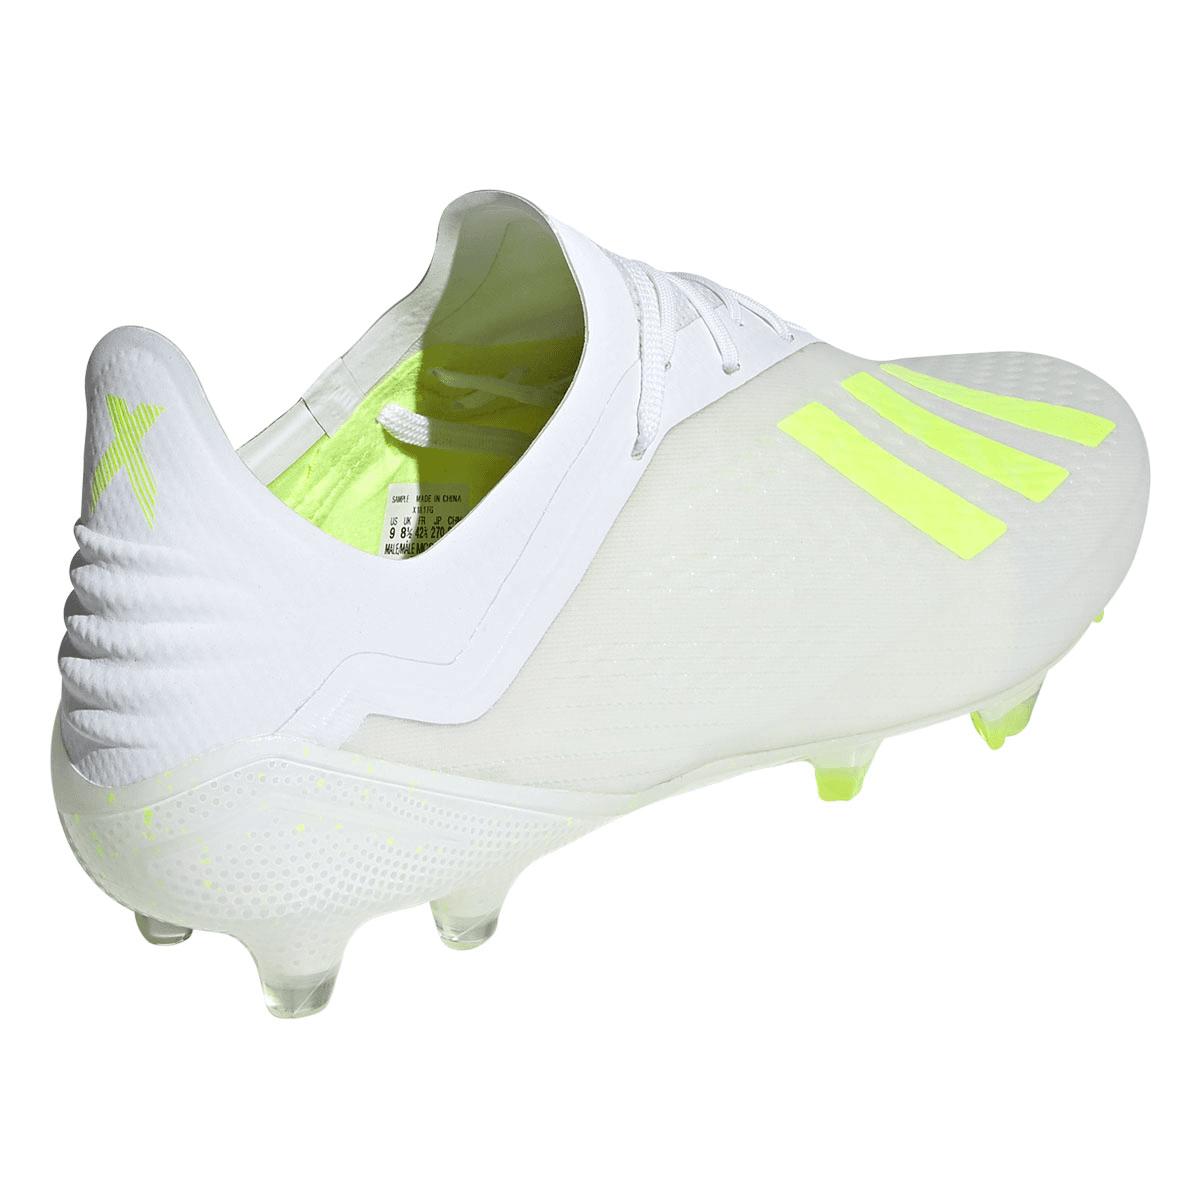 adidas Fußballschuh X 18.1 FG weiß/gelb fluo